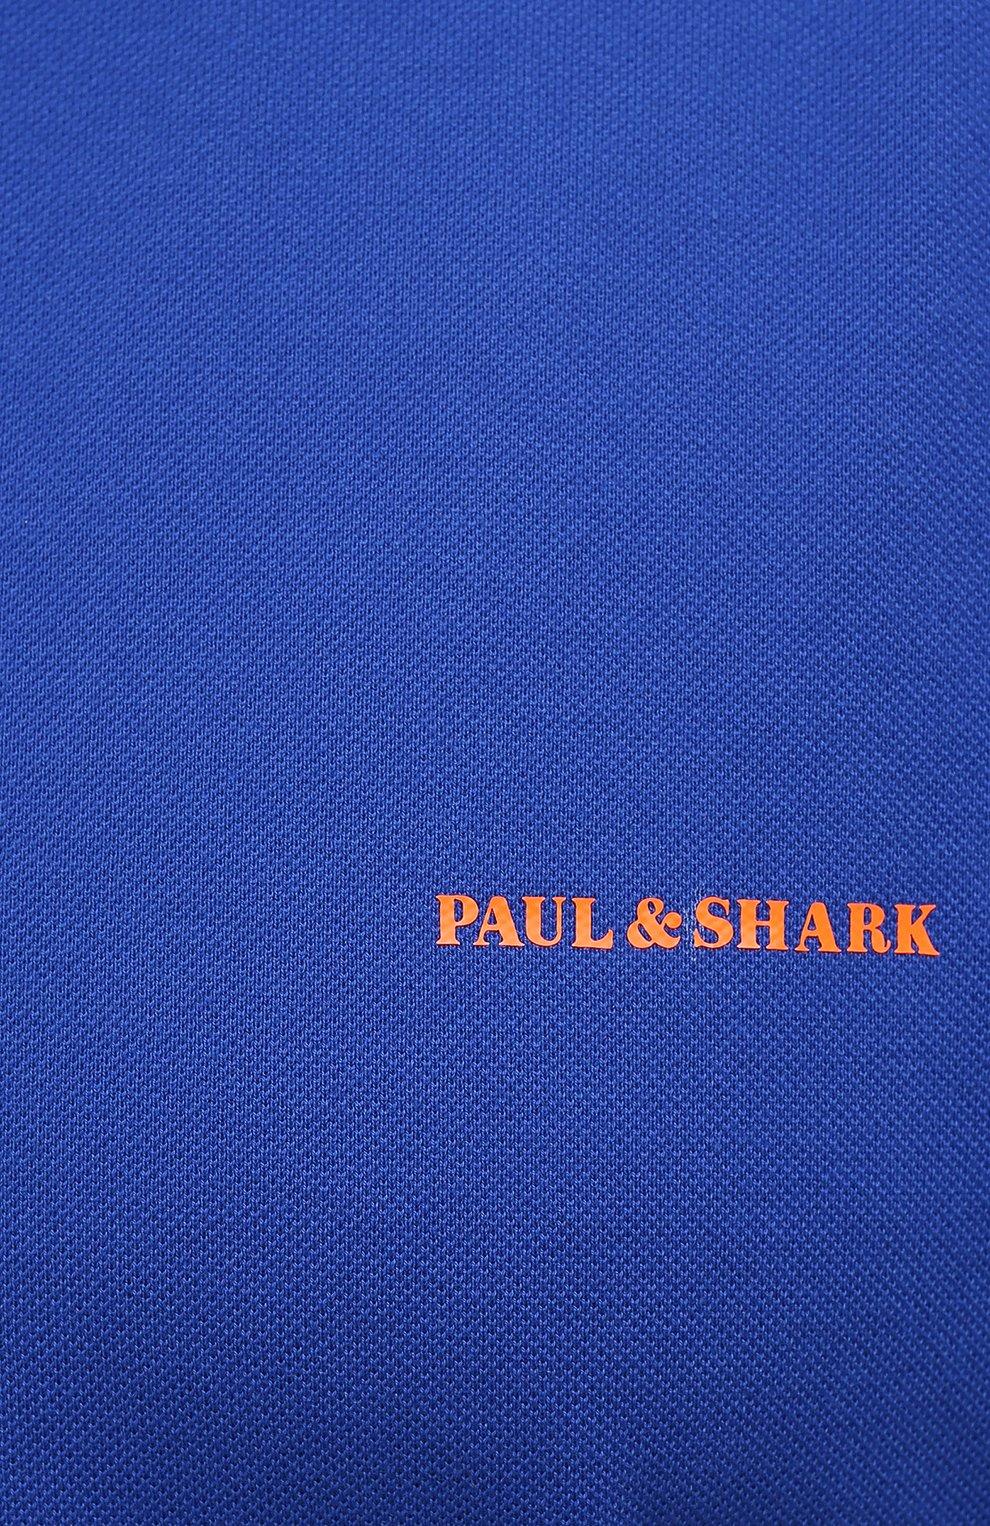 Мужское хлопковое поло PAUL&SHARK синего цвета, арт. 11311717/C00/3XL-6XL | Фото 5